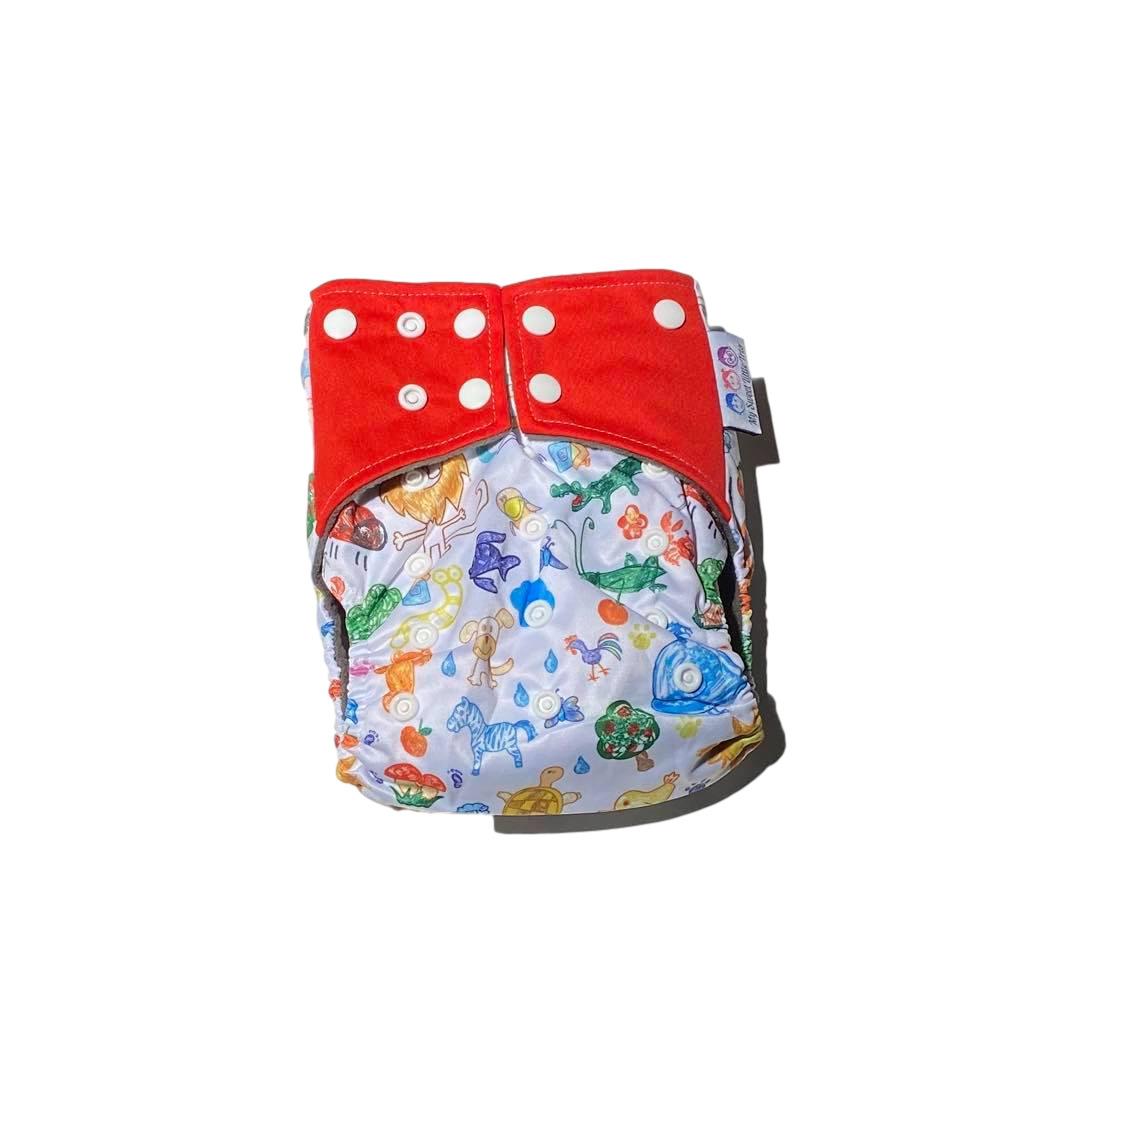 cloth nappies - Drawings | Trada Marketplace